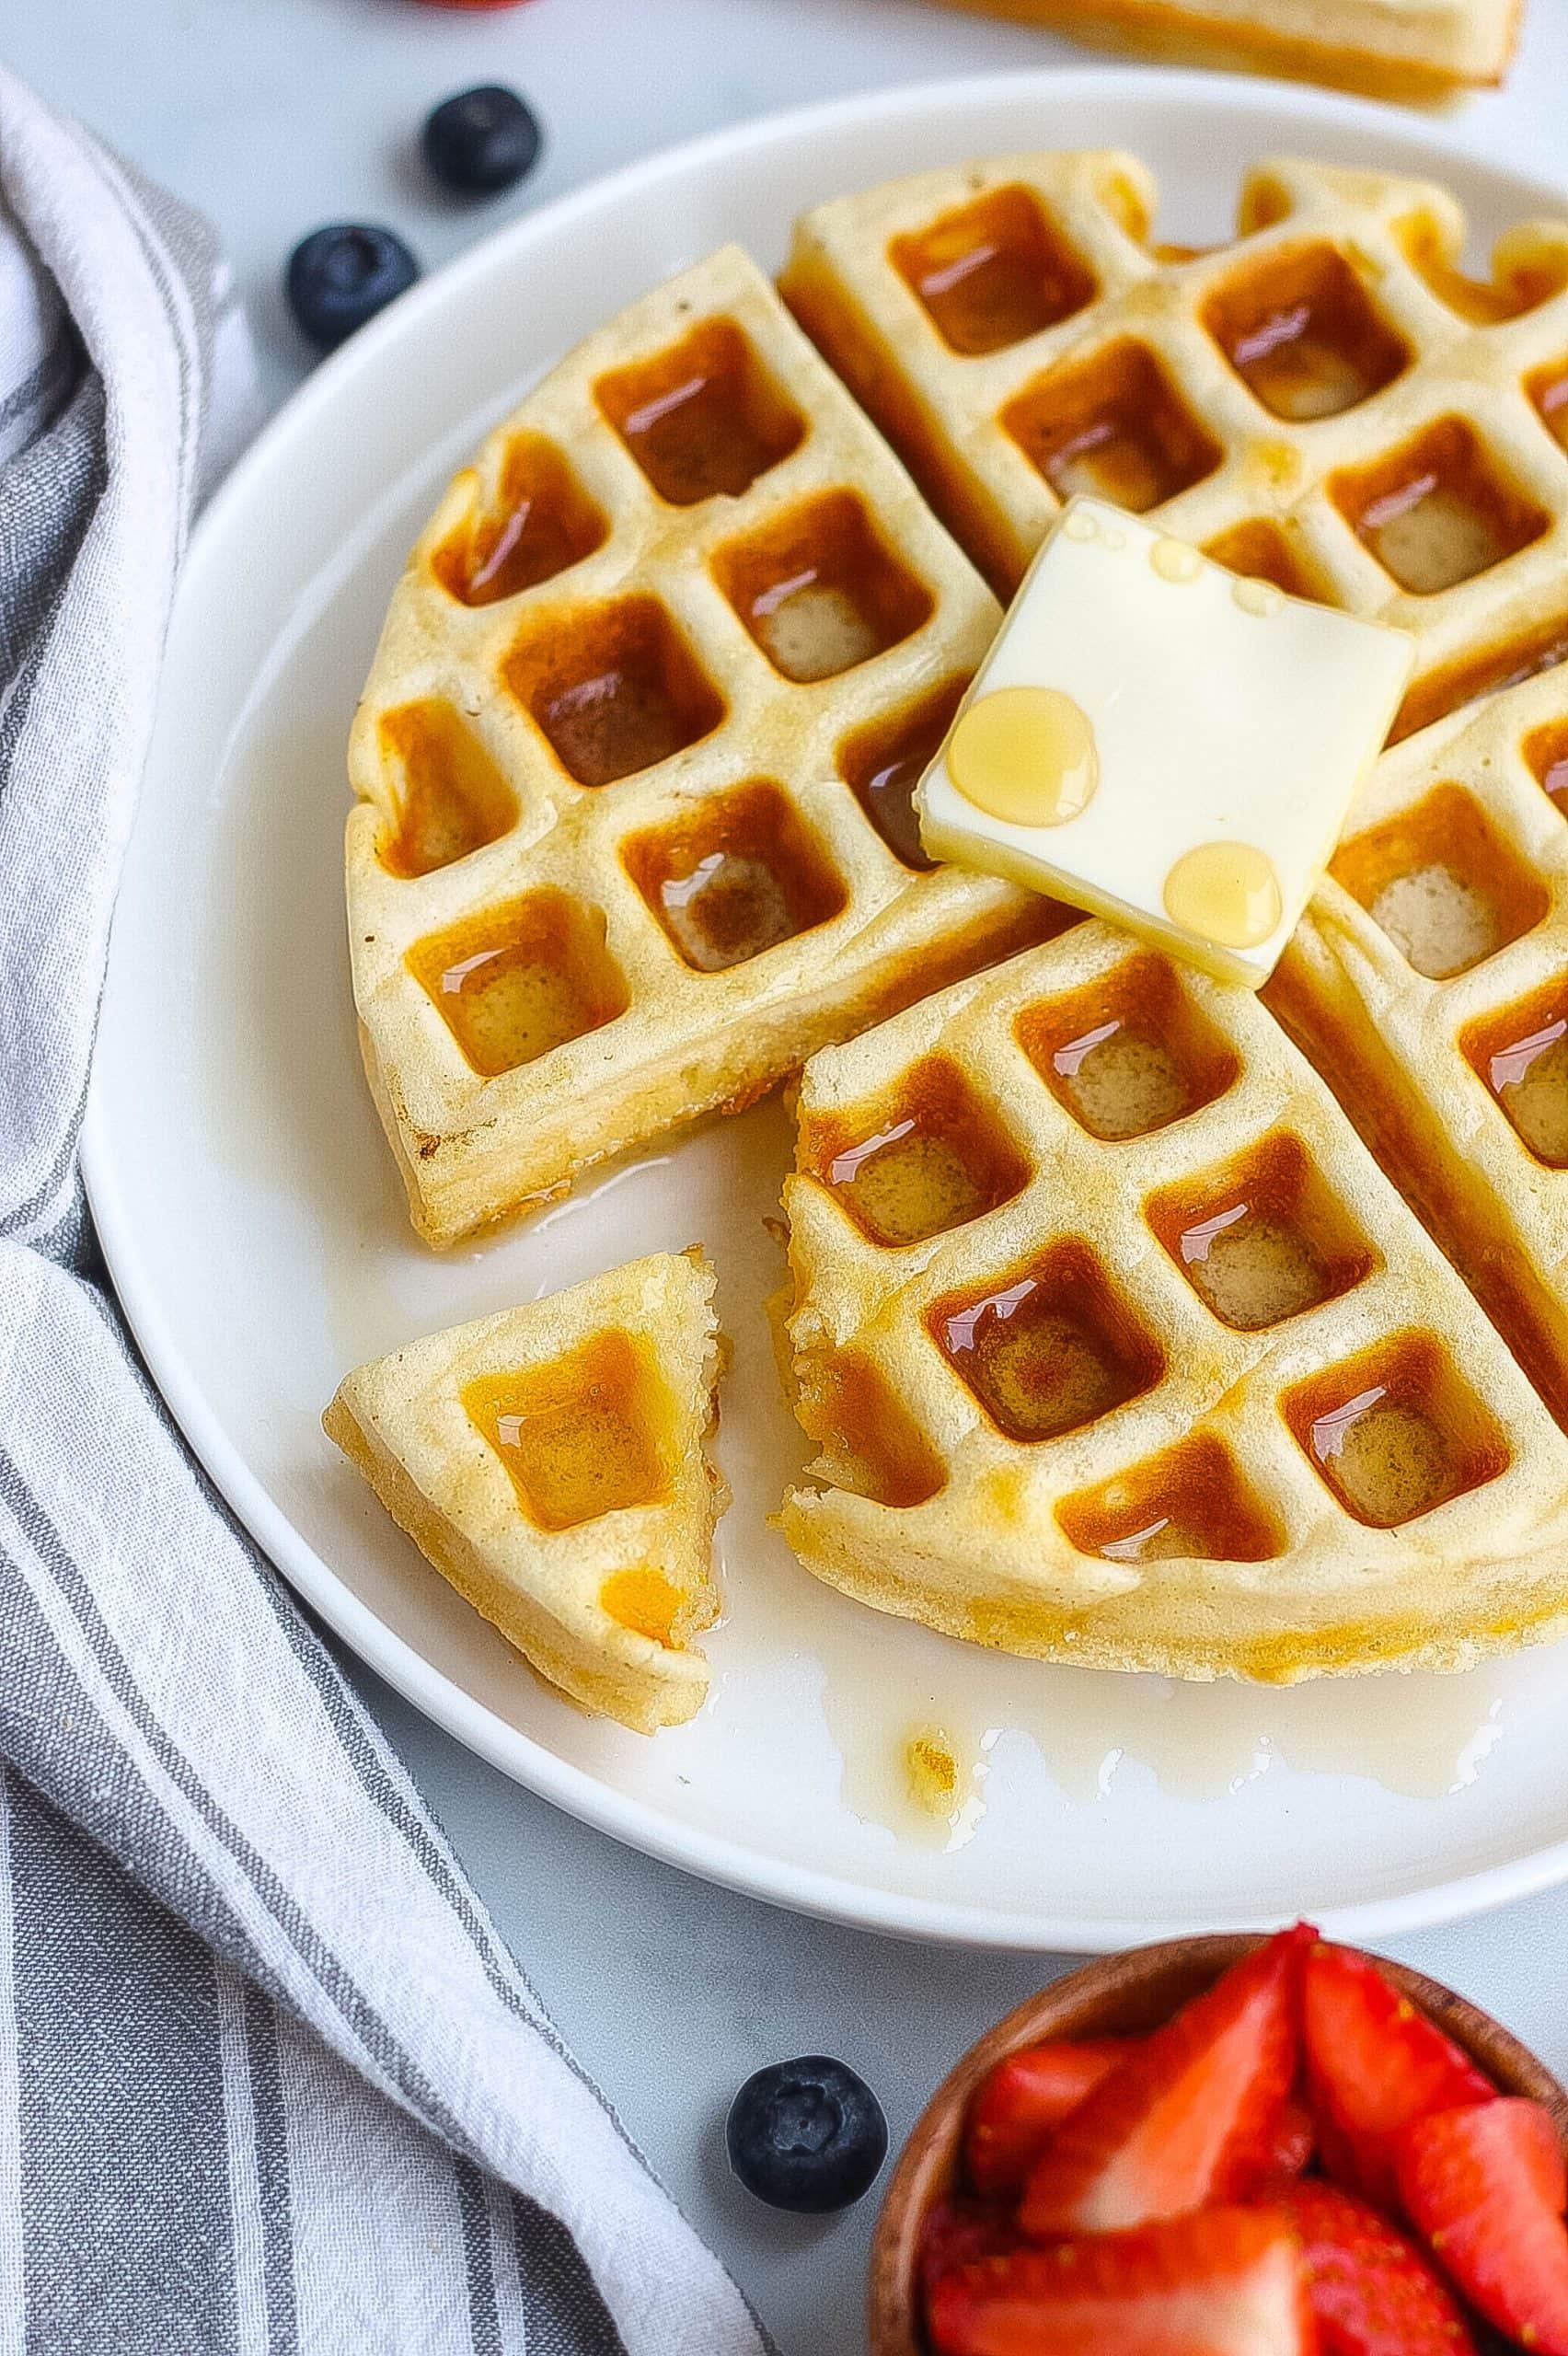 Homemade Waffles for breakfast or brunch